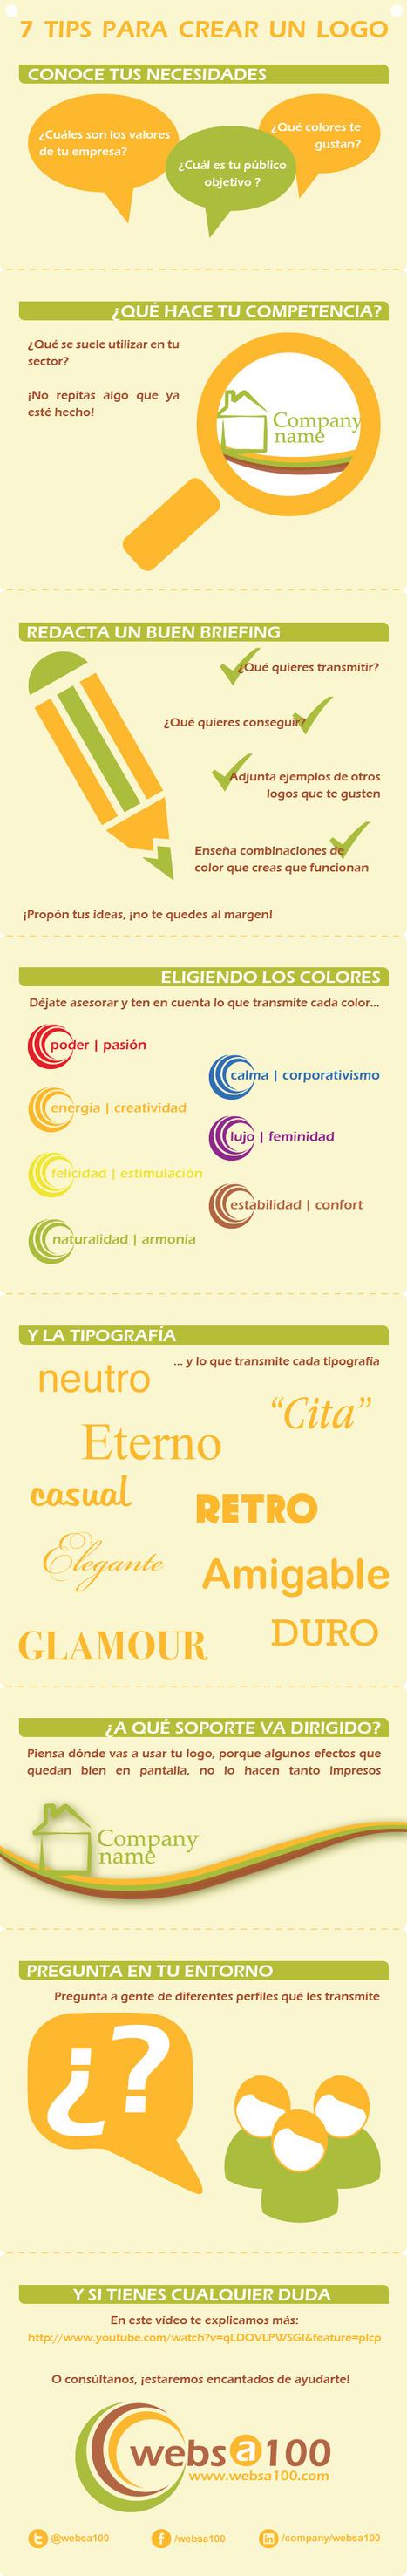 7 Tips para crear un buen logo | UDES & Educación | Scoop.it